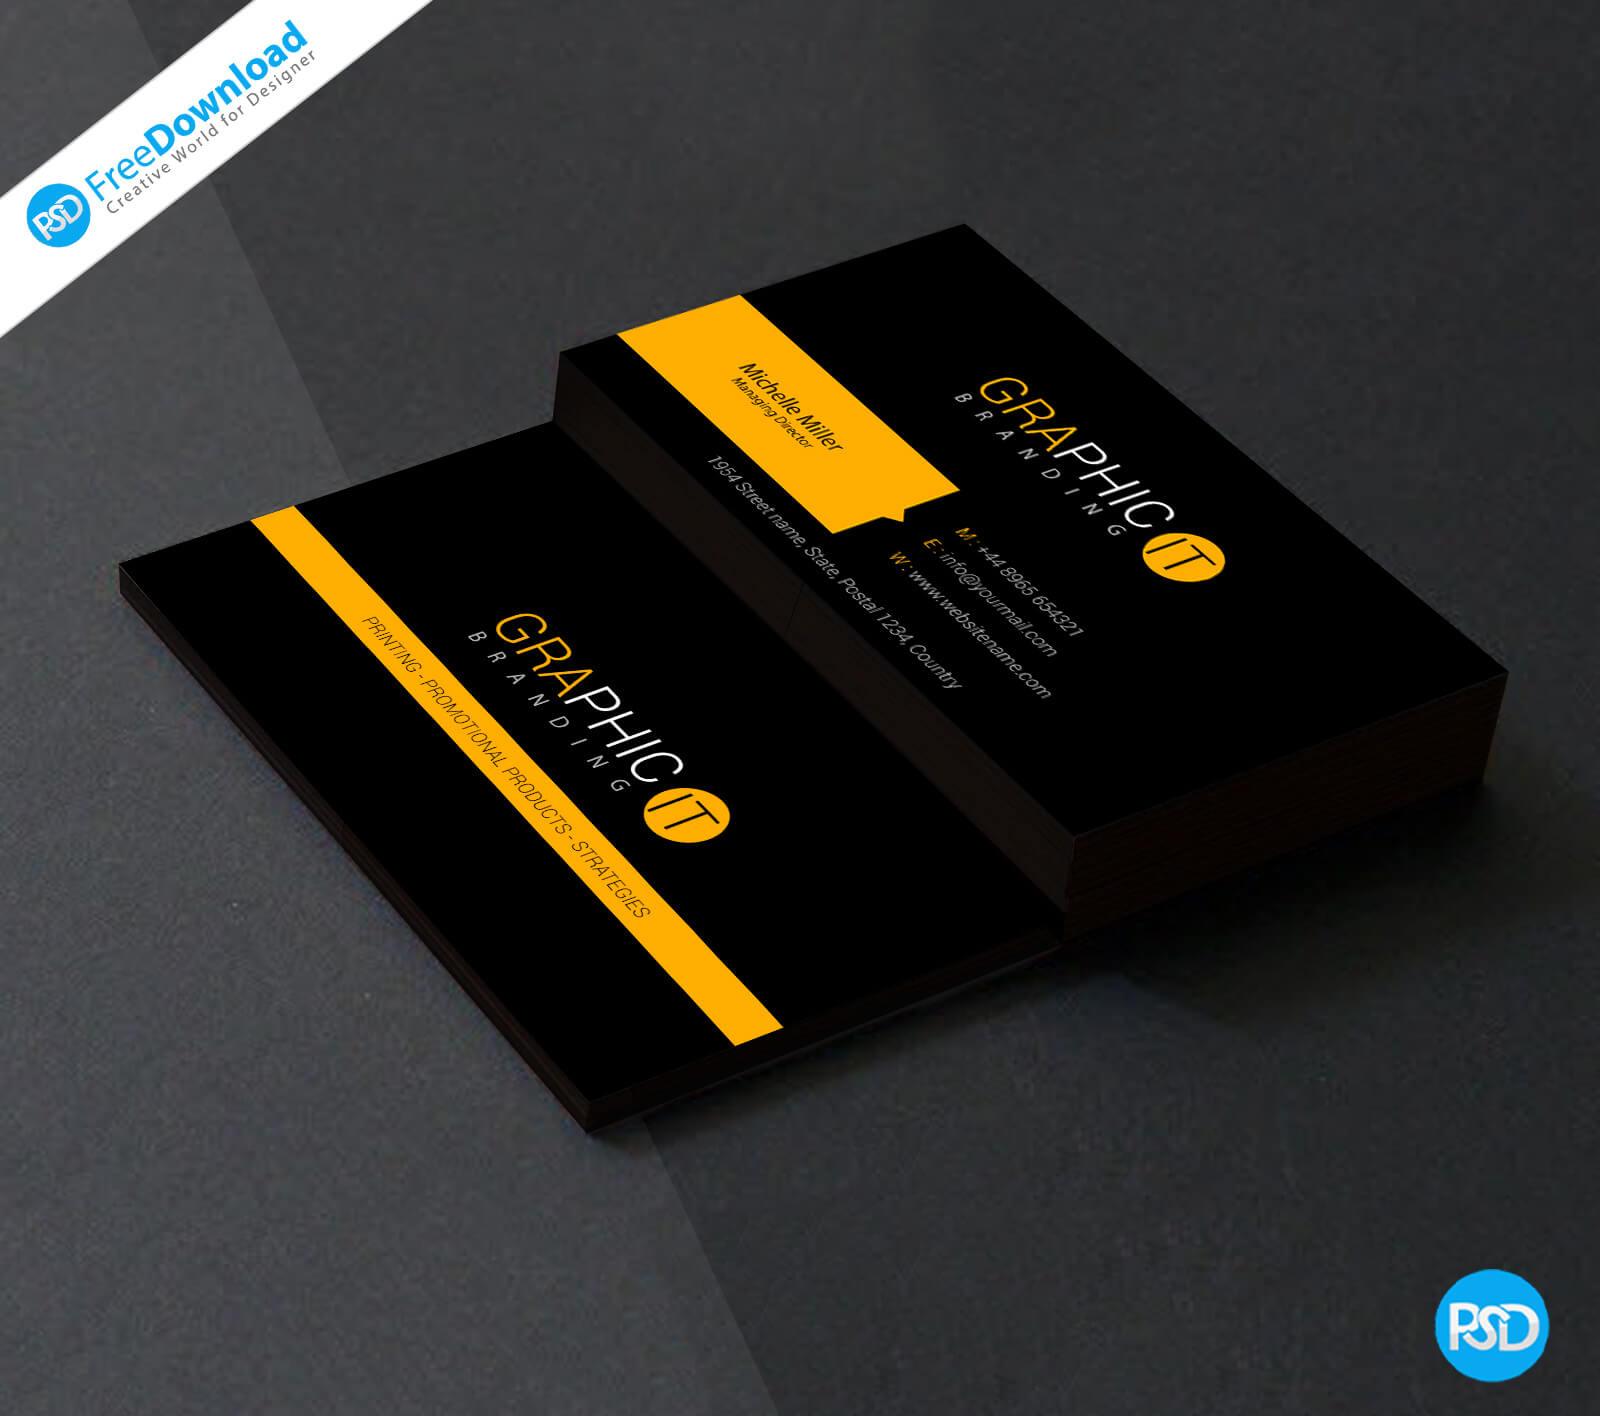 150+ Free Business Card Psd Templates Regarding Visiting Card Templates Psd Free Download